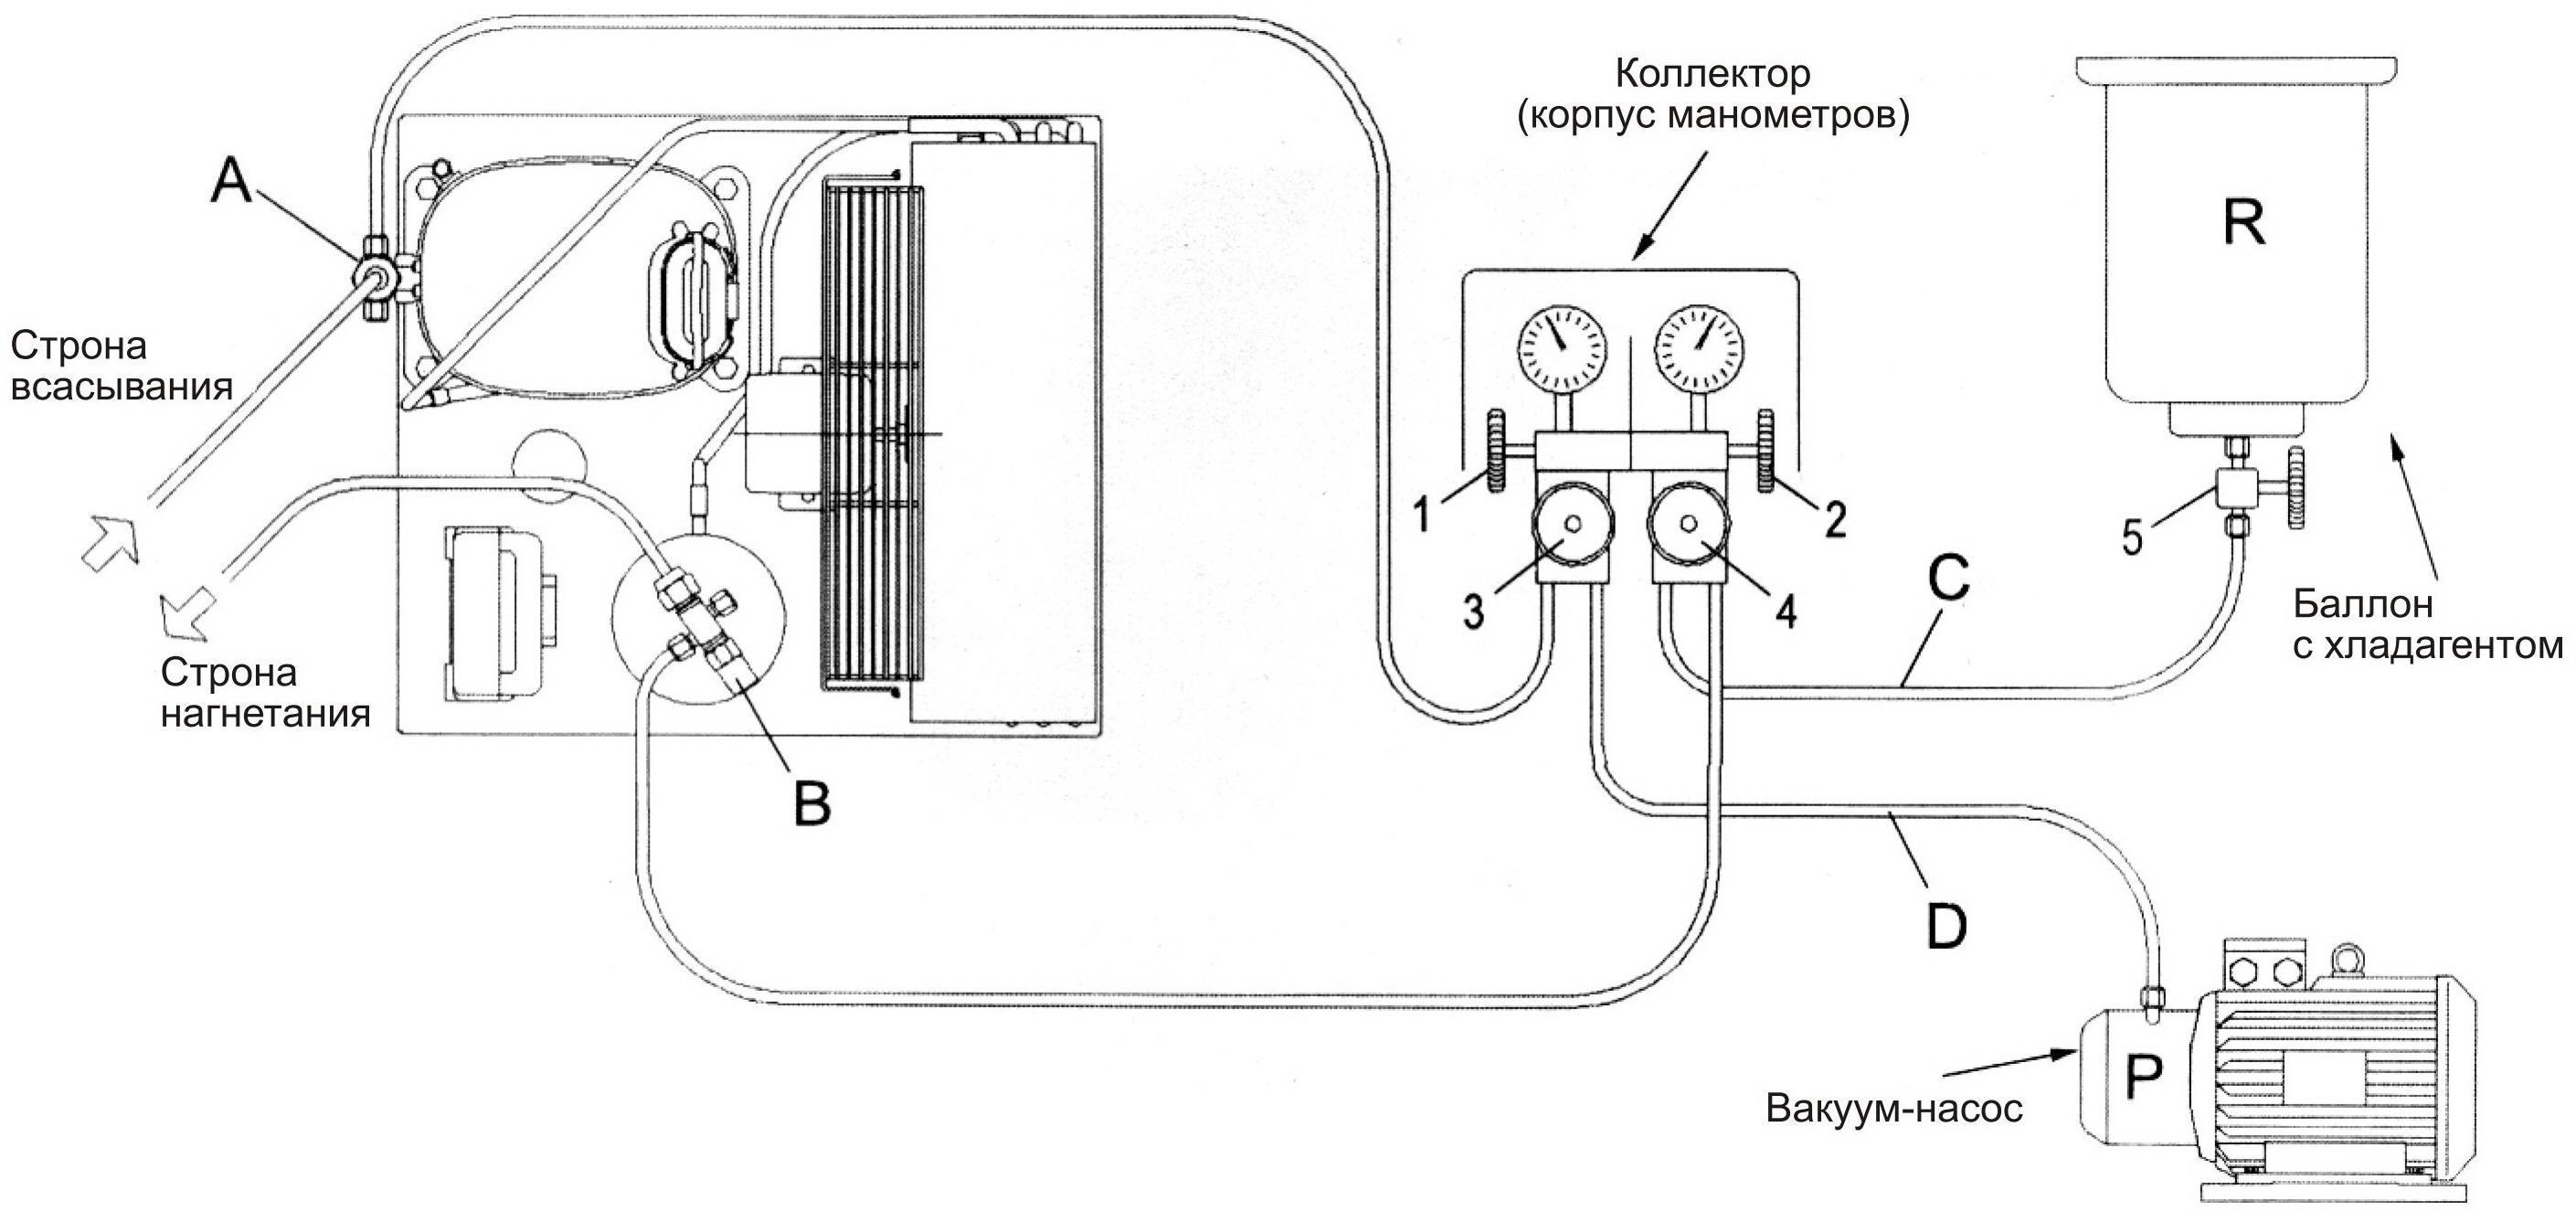 Схема принципиальная компрессорно-конденсаторного агрегата Cubigel